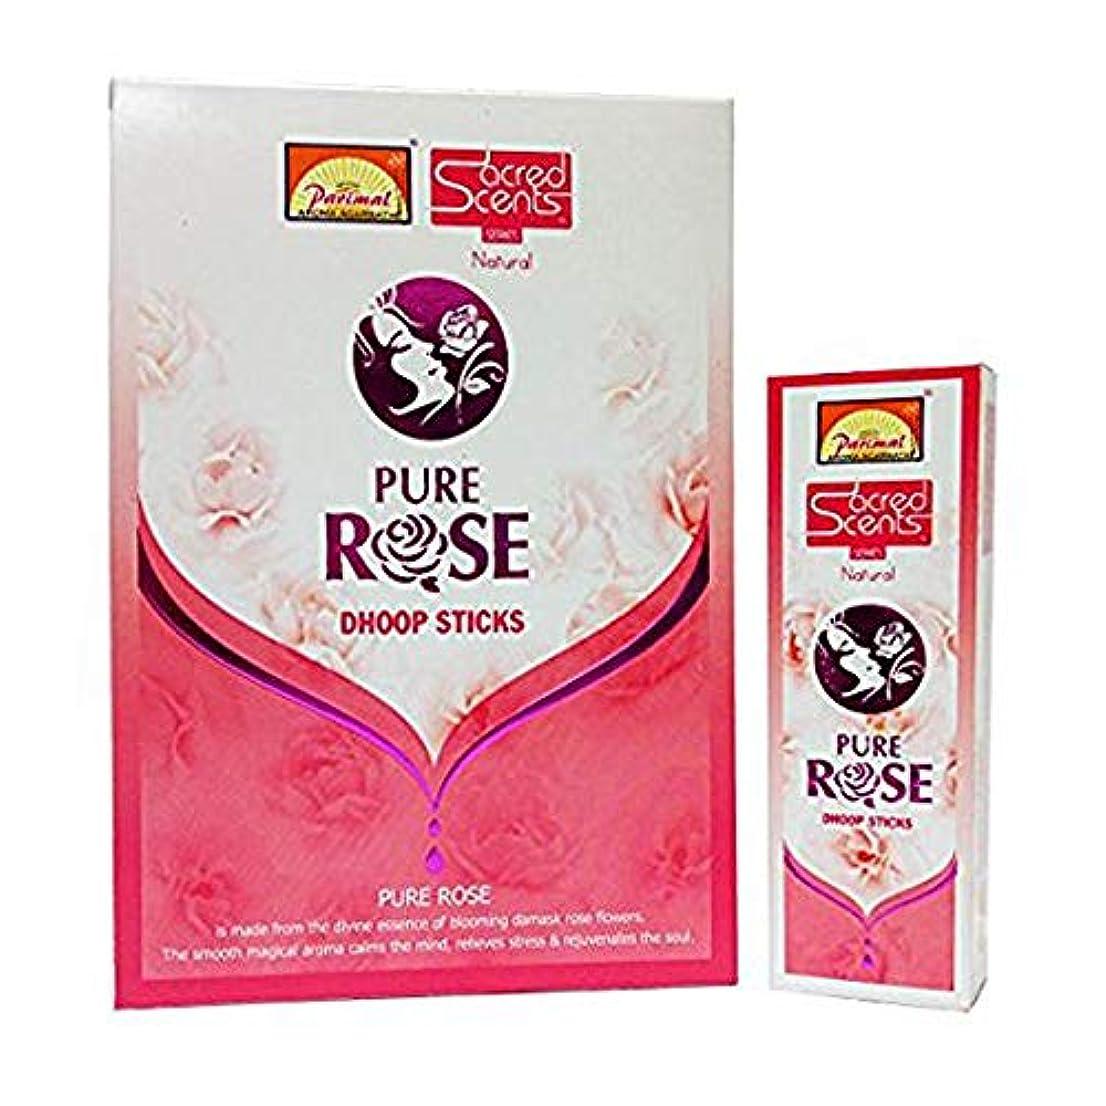 に同意する位置するすり減るParimal Sacred Scents Pure Rose Dhoop Sticks 50グラムパック、6カウントin aボックス